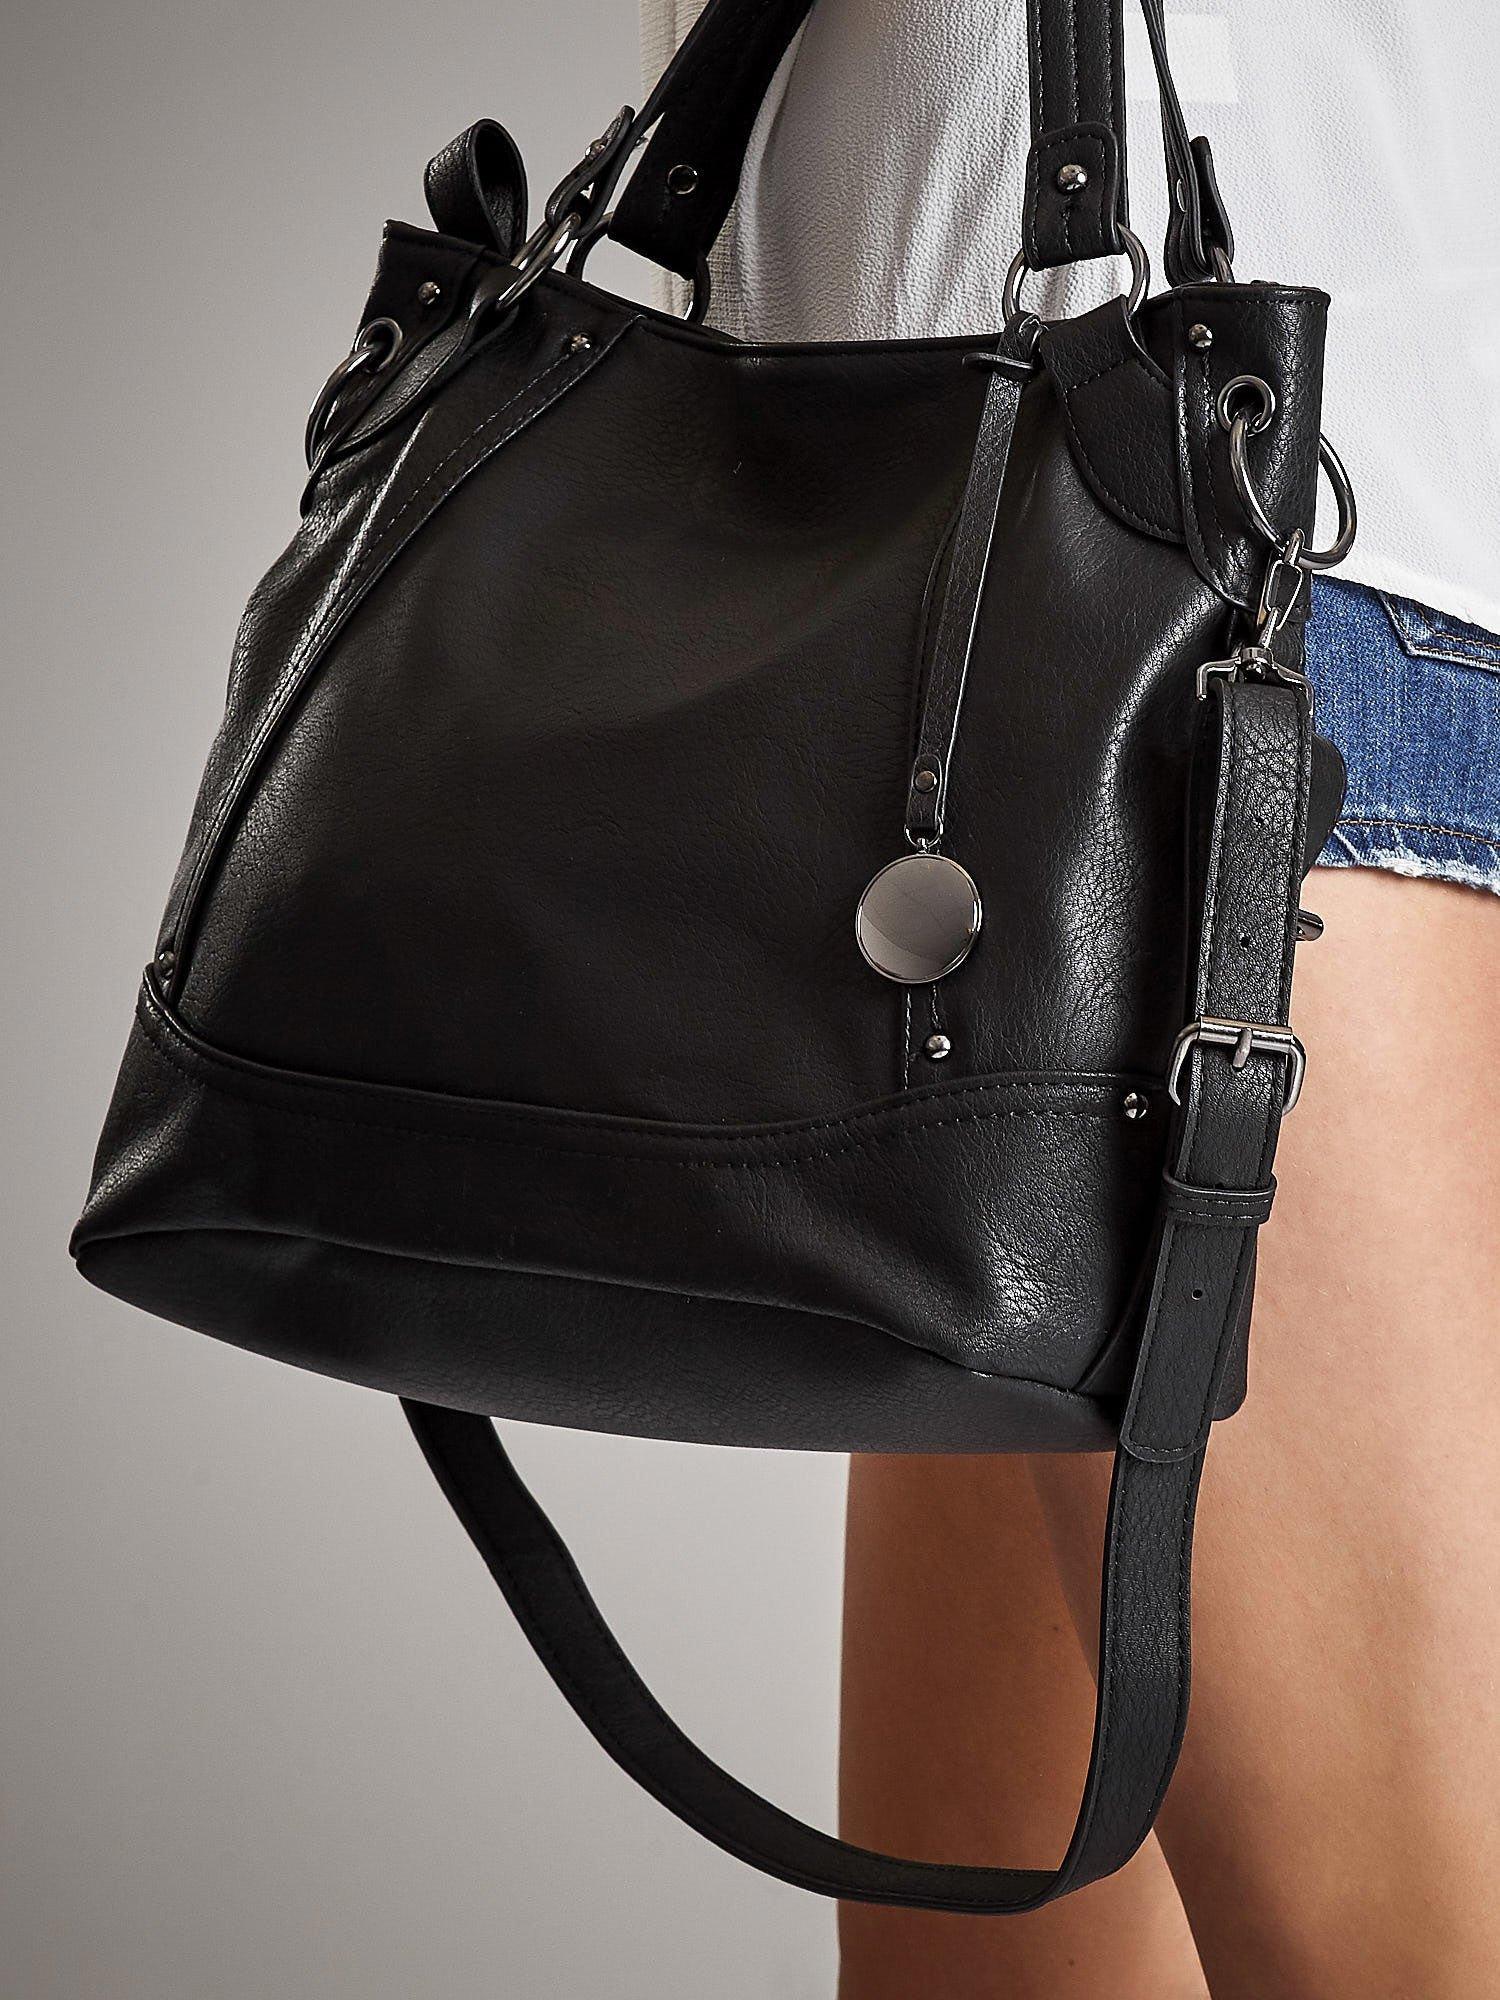 0a52e6001dcfc ANNA FIELD Skórzana torebka miejska z odpinanym paskiem - Akcesoria ...